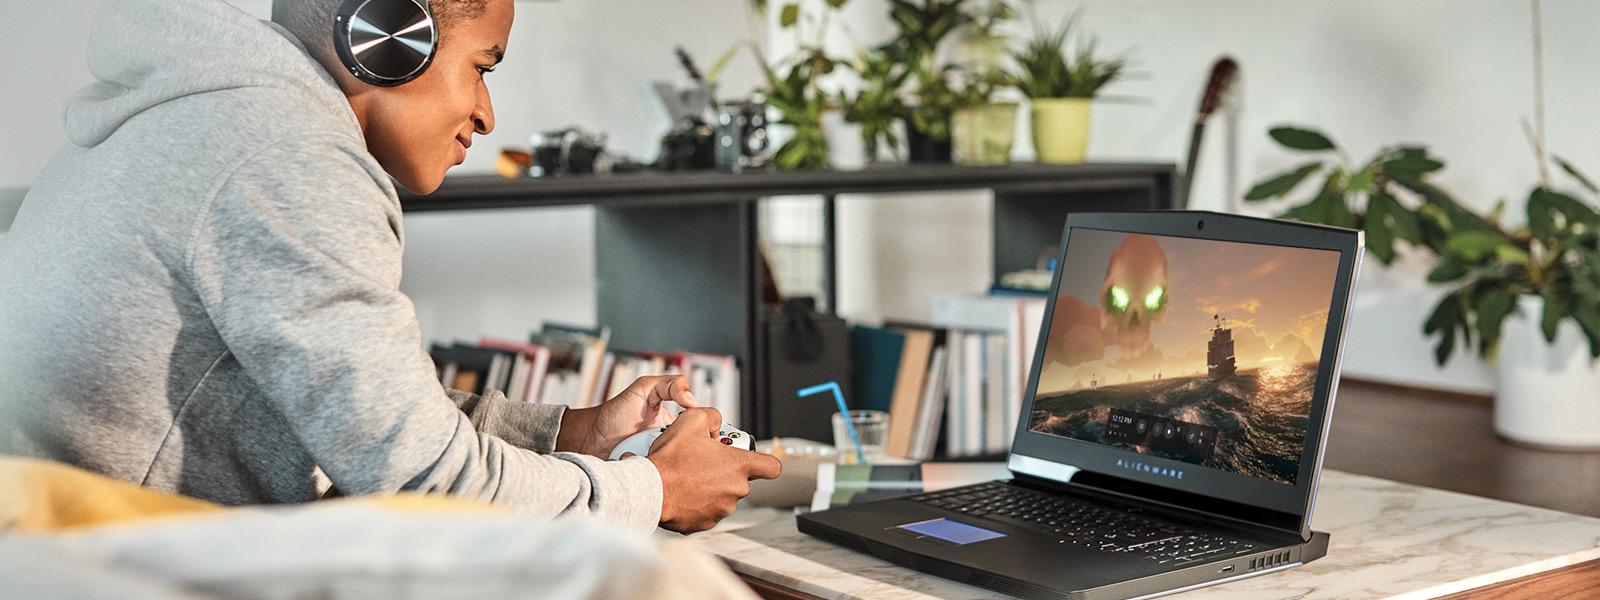 Hombre con auriculares que usa un mando Xbox para jugar a Sea of Thieves en un portátil para juegos con Windows 10